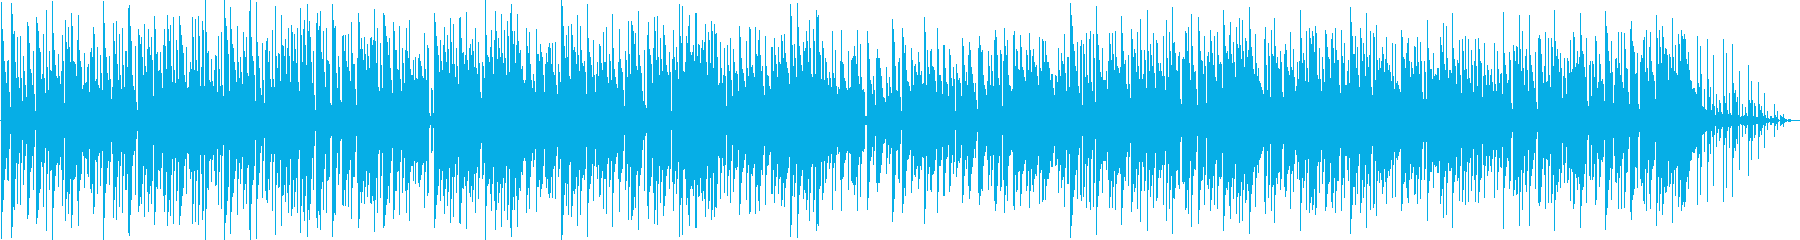 心にしみるイージーリスニング曲の再生済みの波形